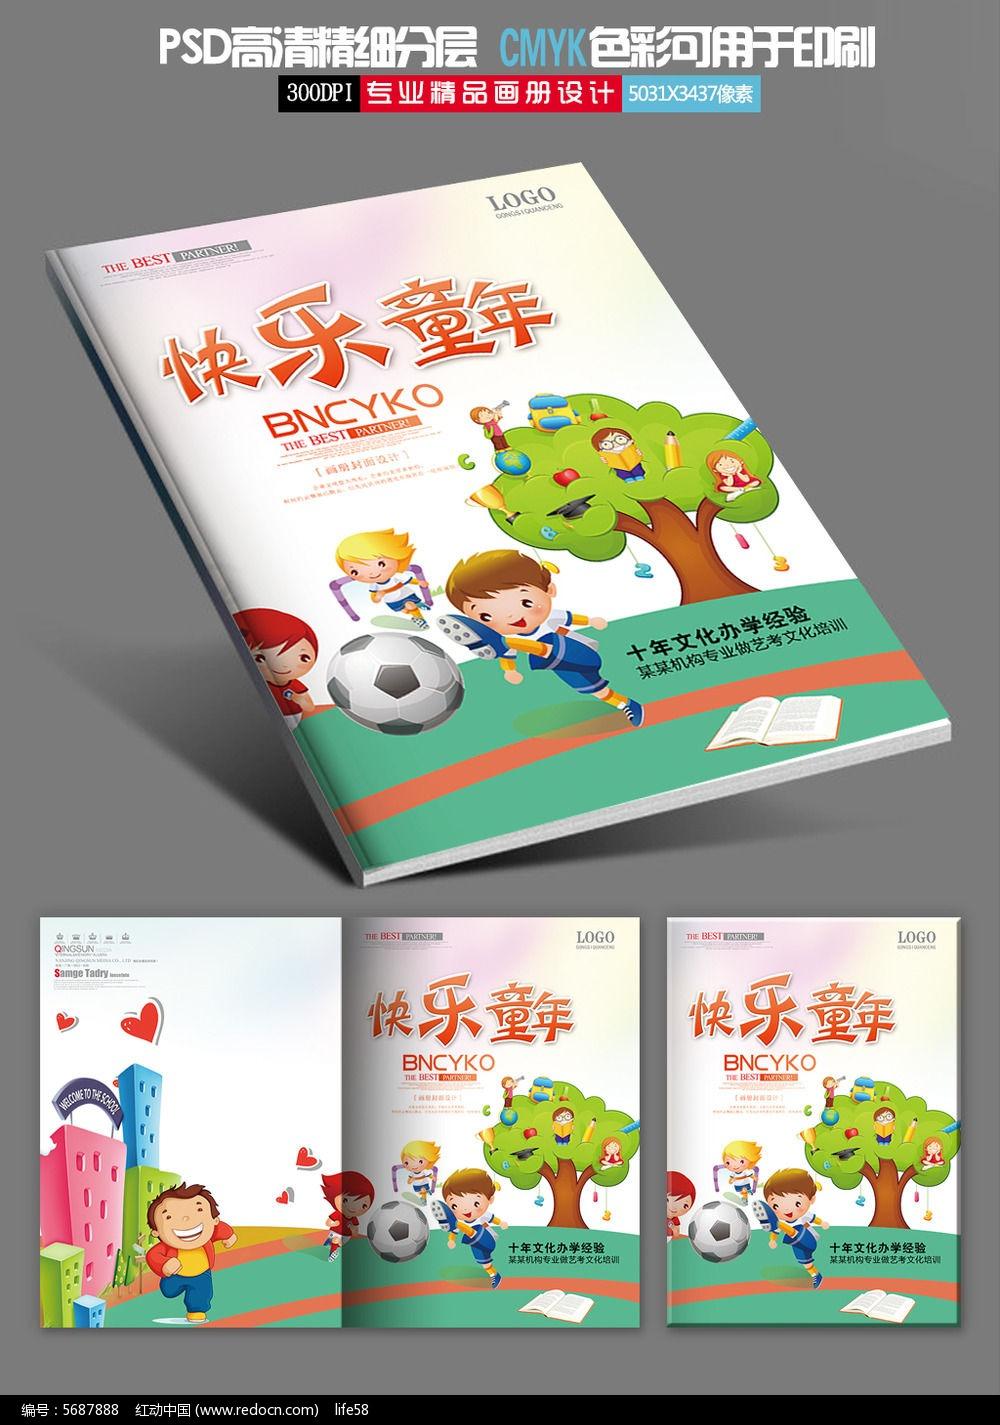 是快乐童年儿童学校教育画册封面设计,编号是5687888,文件格式是psd图片